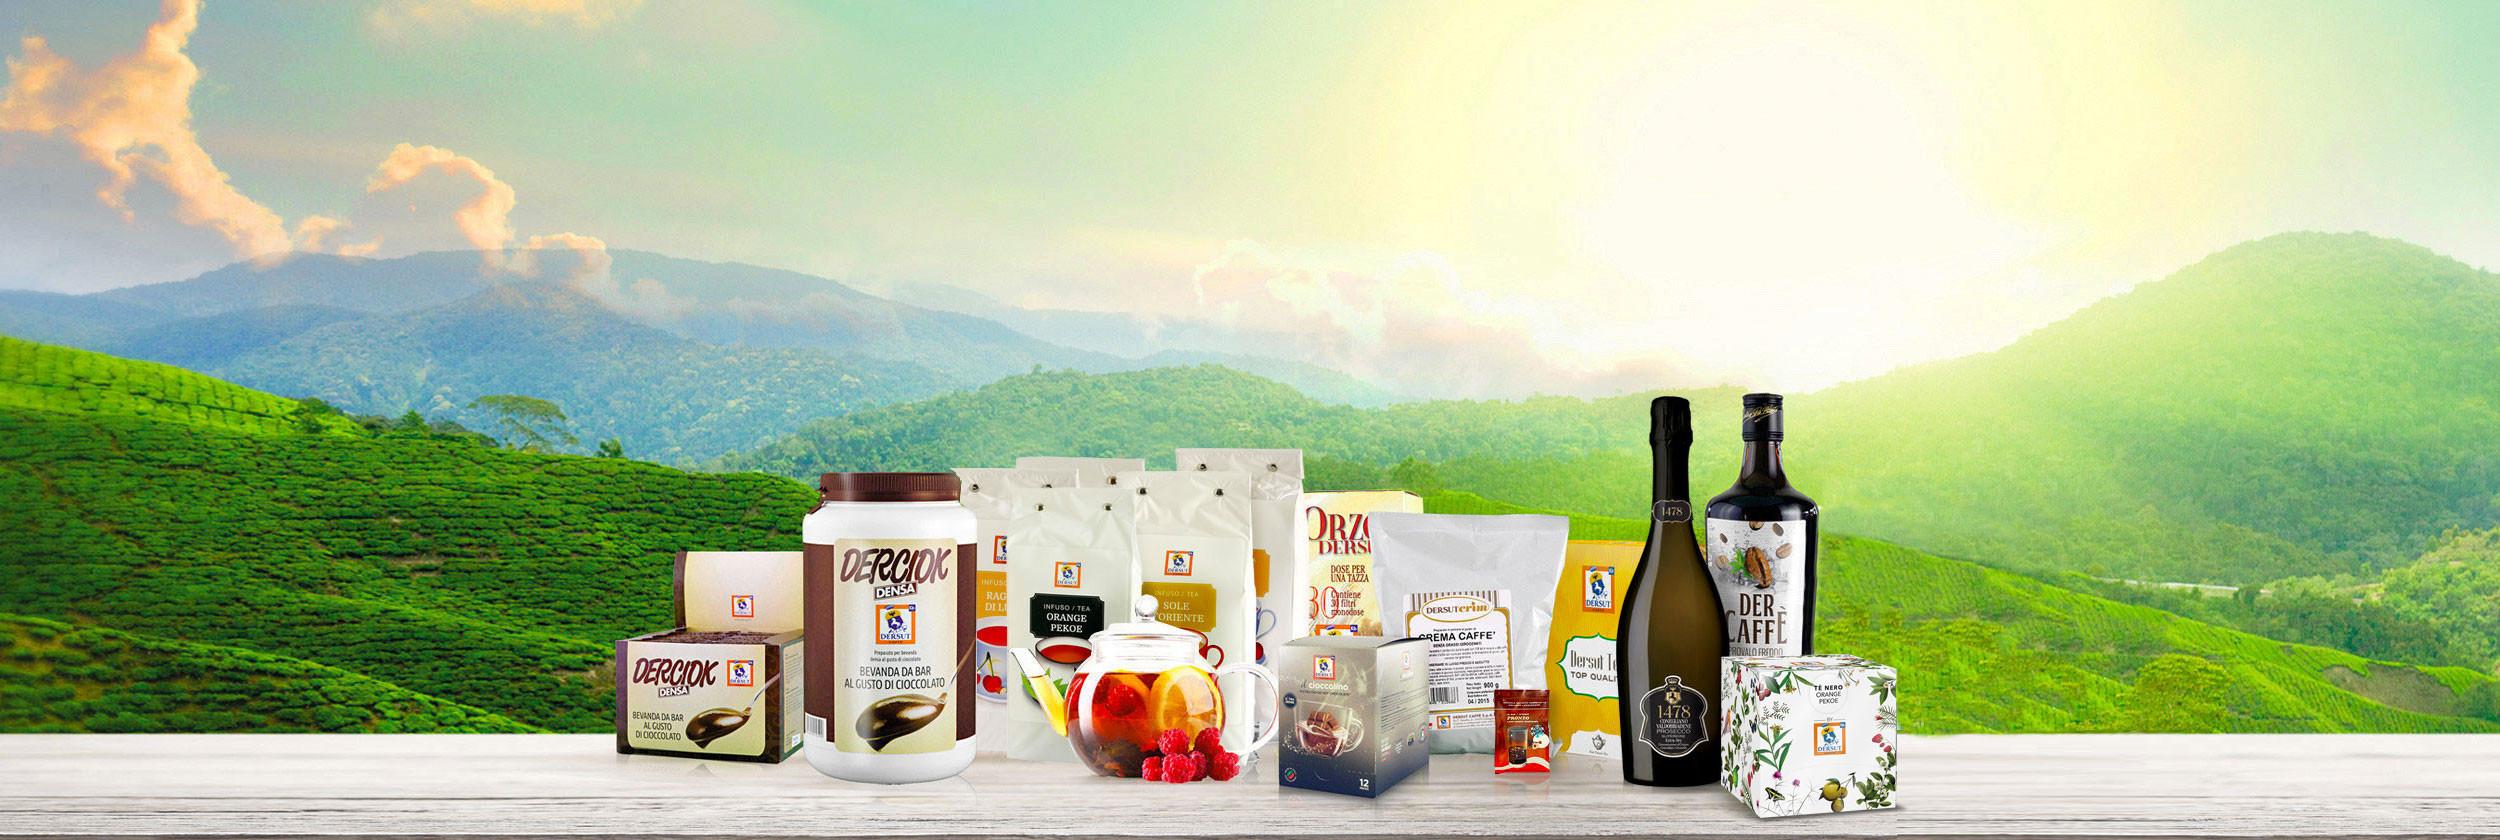 Non-solo-caffe-2500x840-2500x8402-2500x840